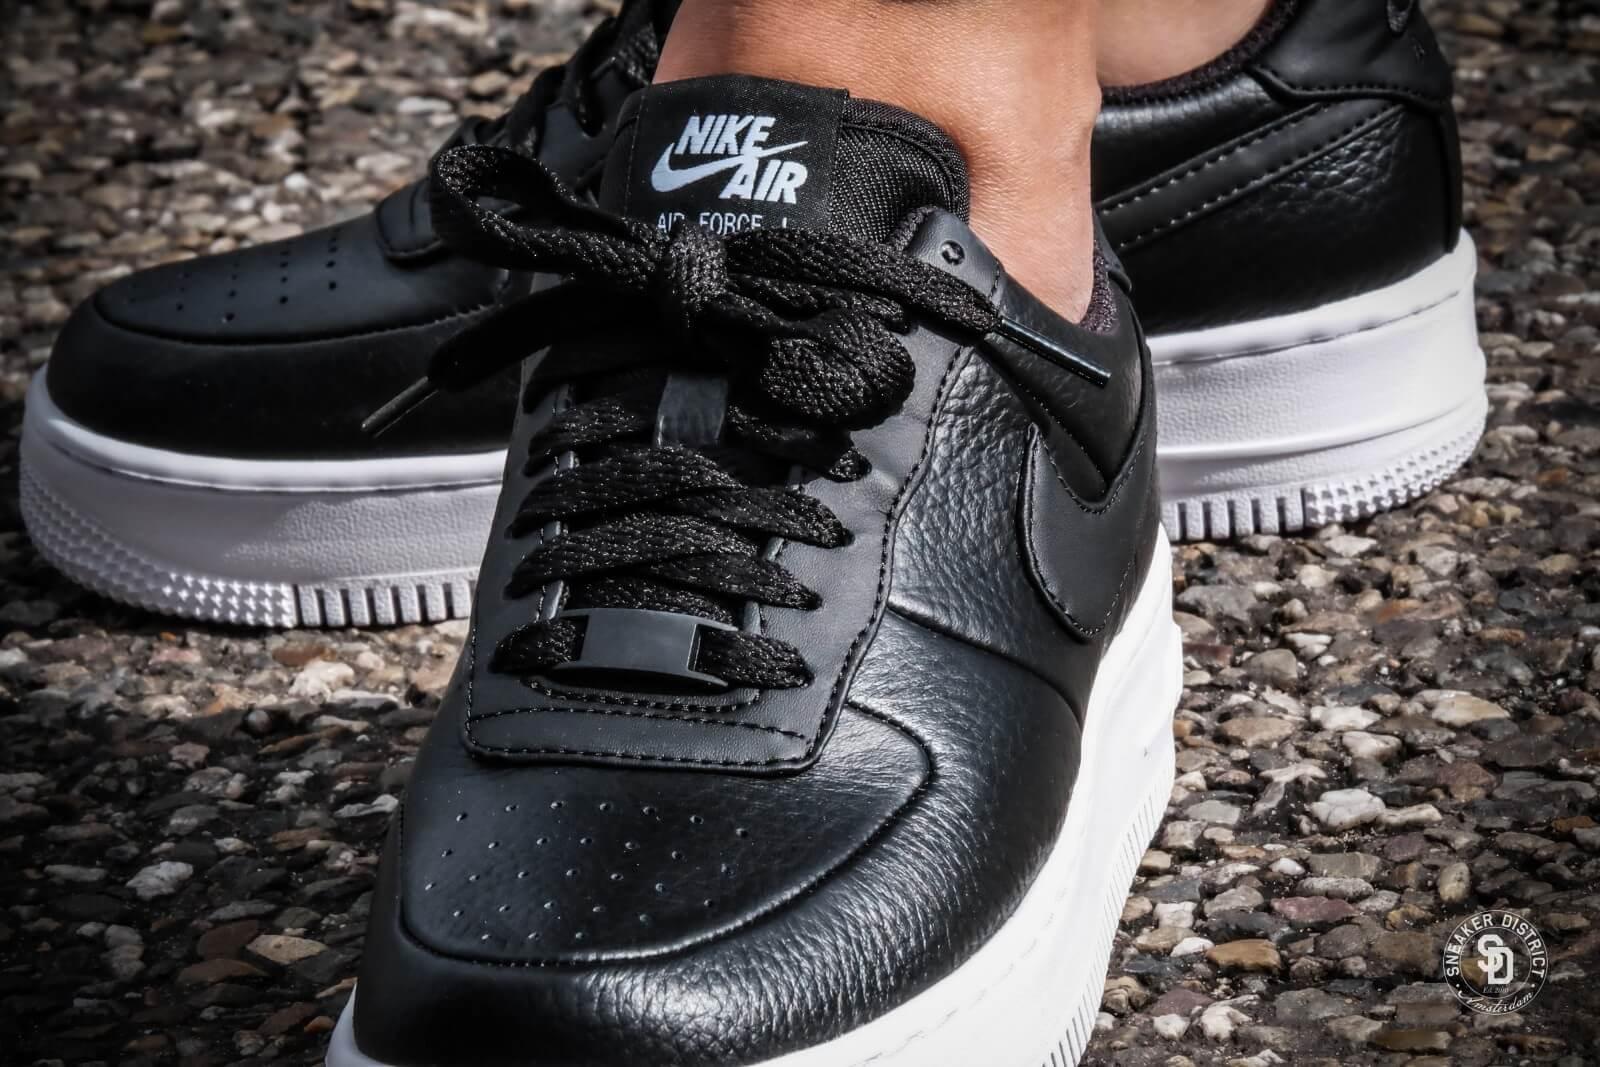 Nike Womens Air Force 1 Upstep Black/White - 917588-001